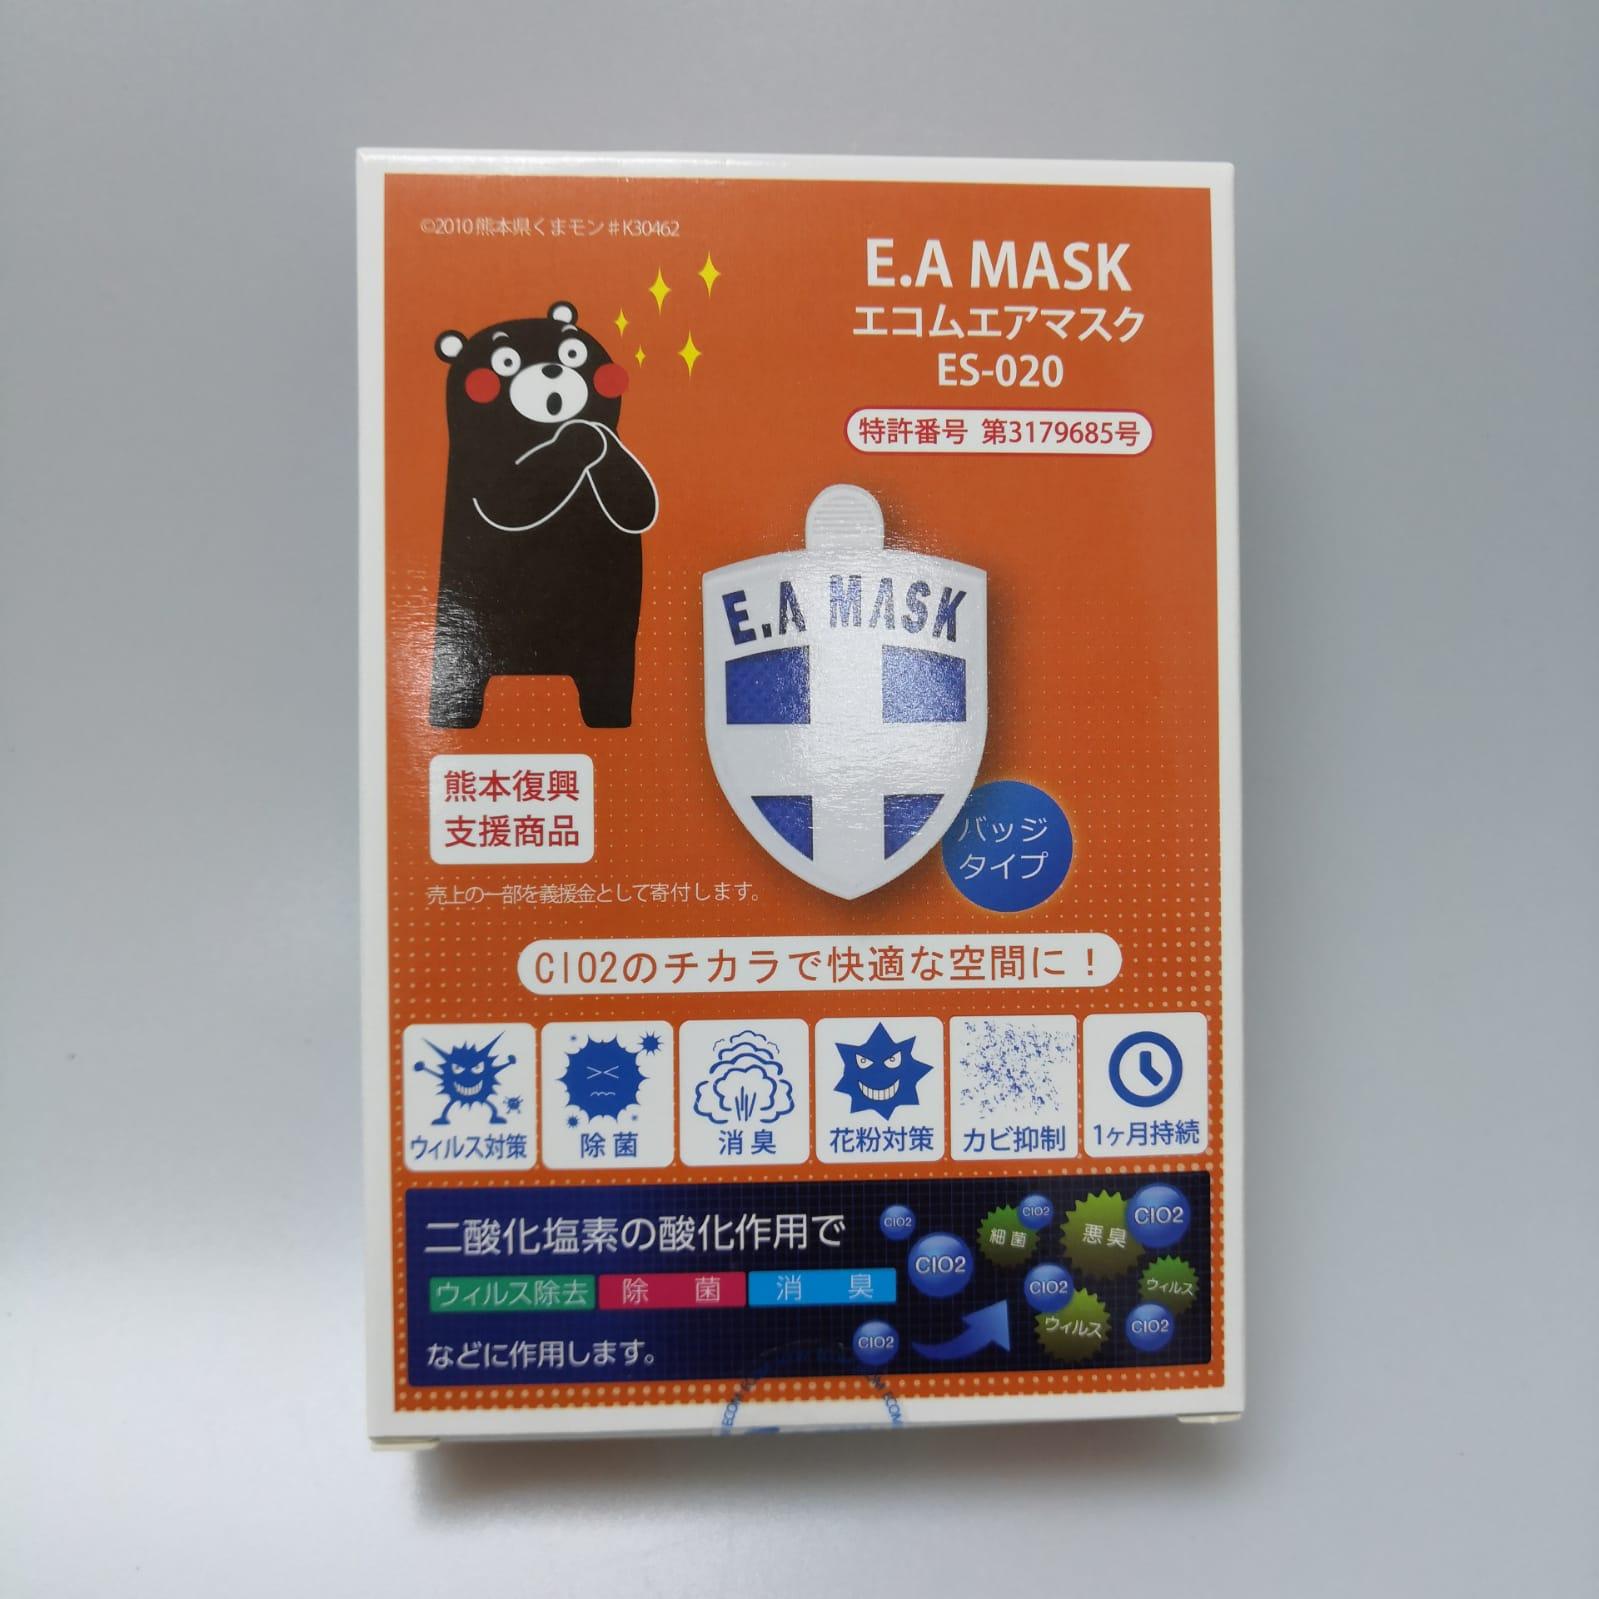 E.A. MASK日本健康勳章